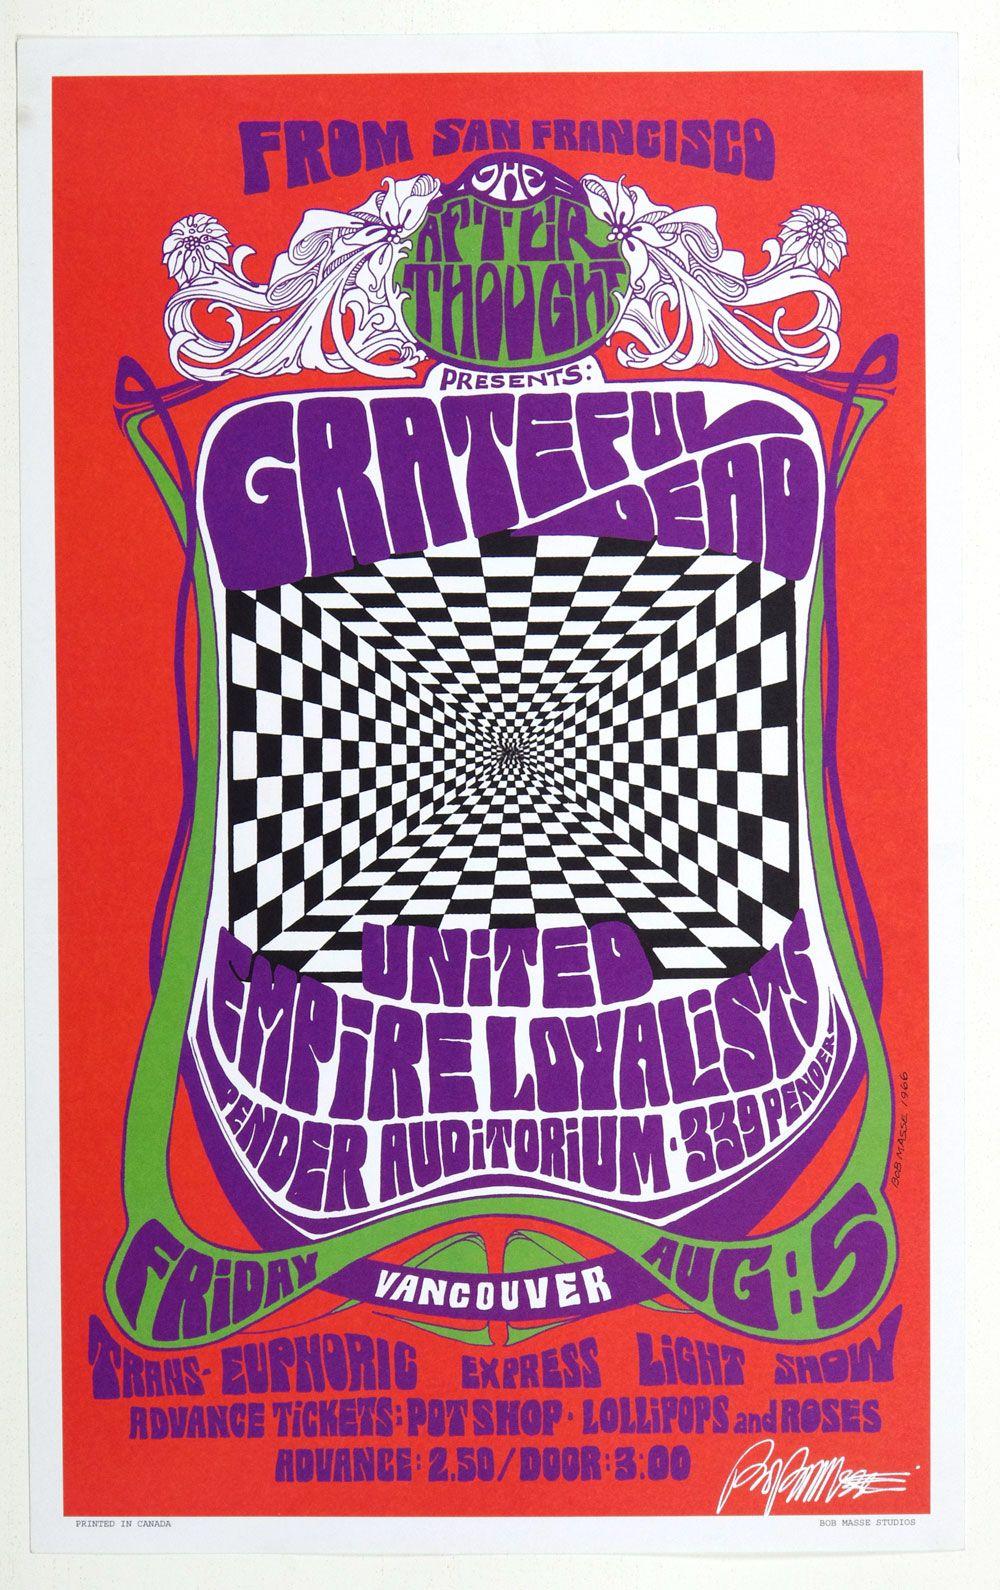 Grateful Dead concert poster, signed by artist Bob Masse